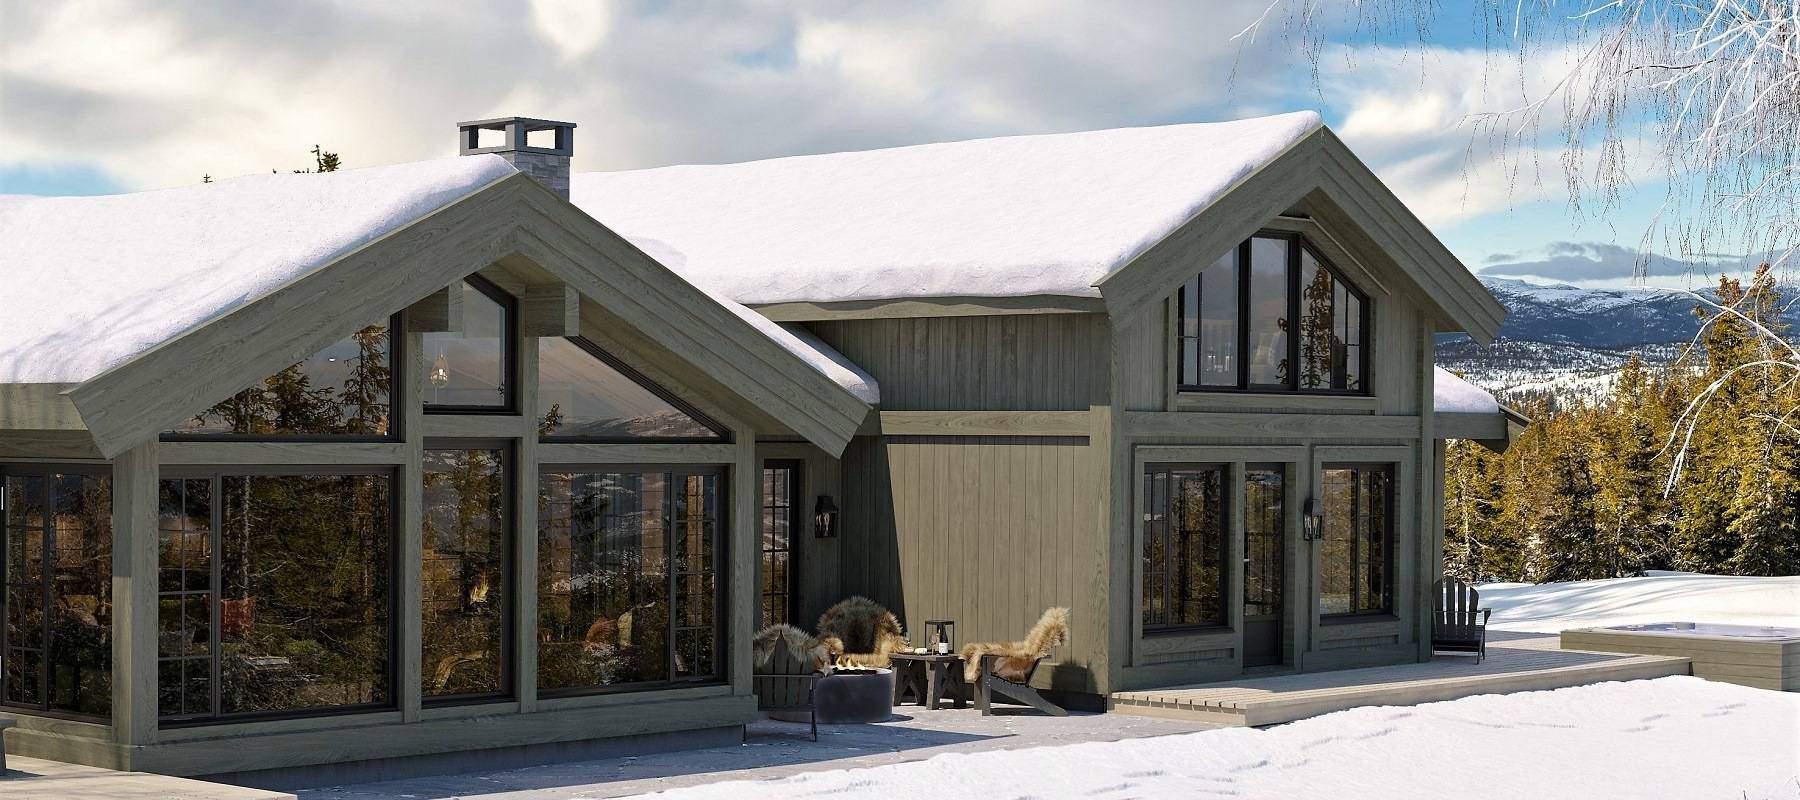 80 Geilo 155. Rustikk stavlaftsdekor, omramminger og timberfram design.